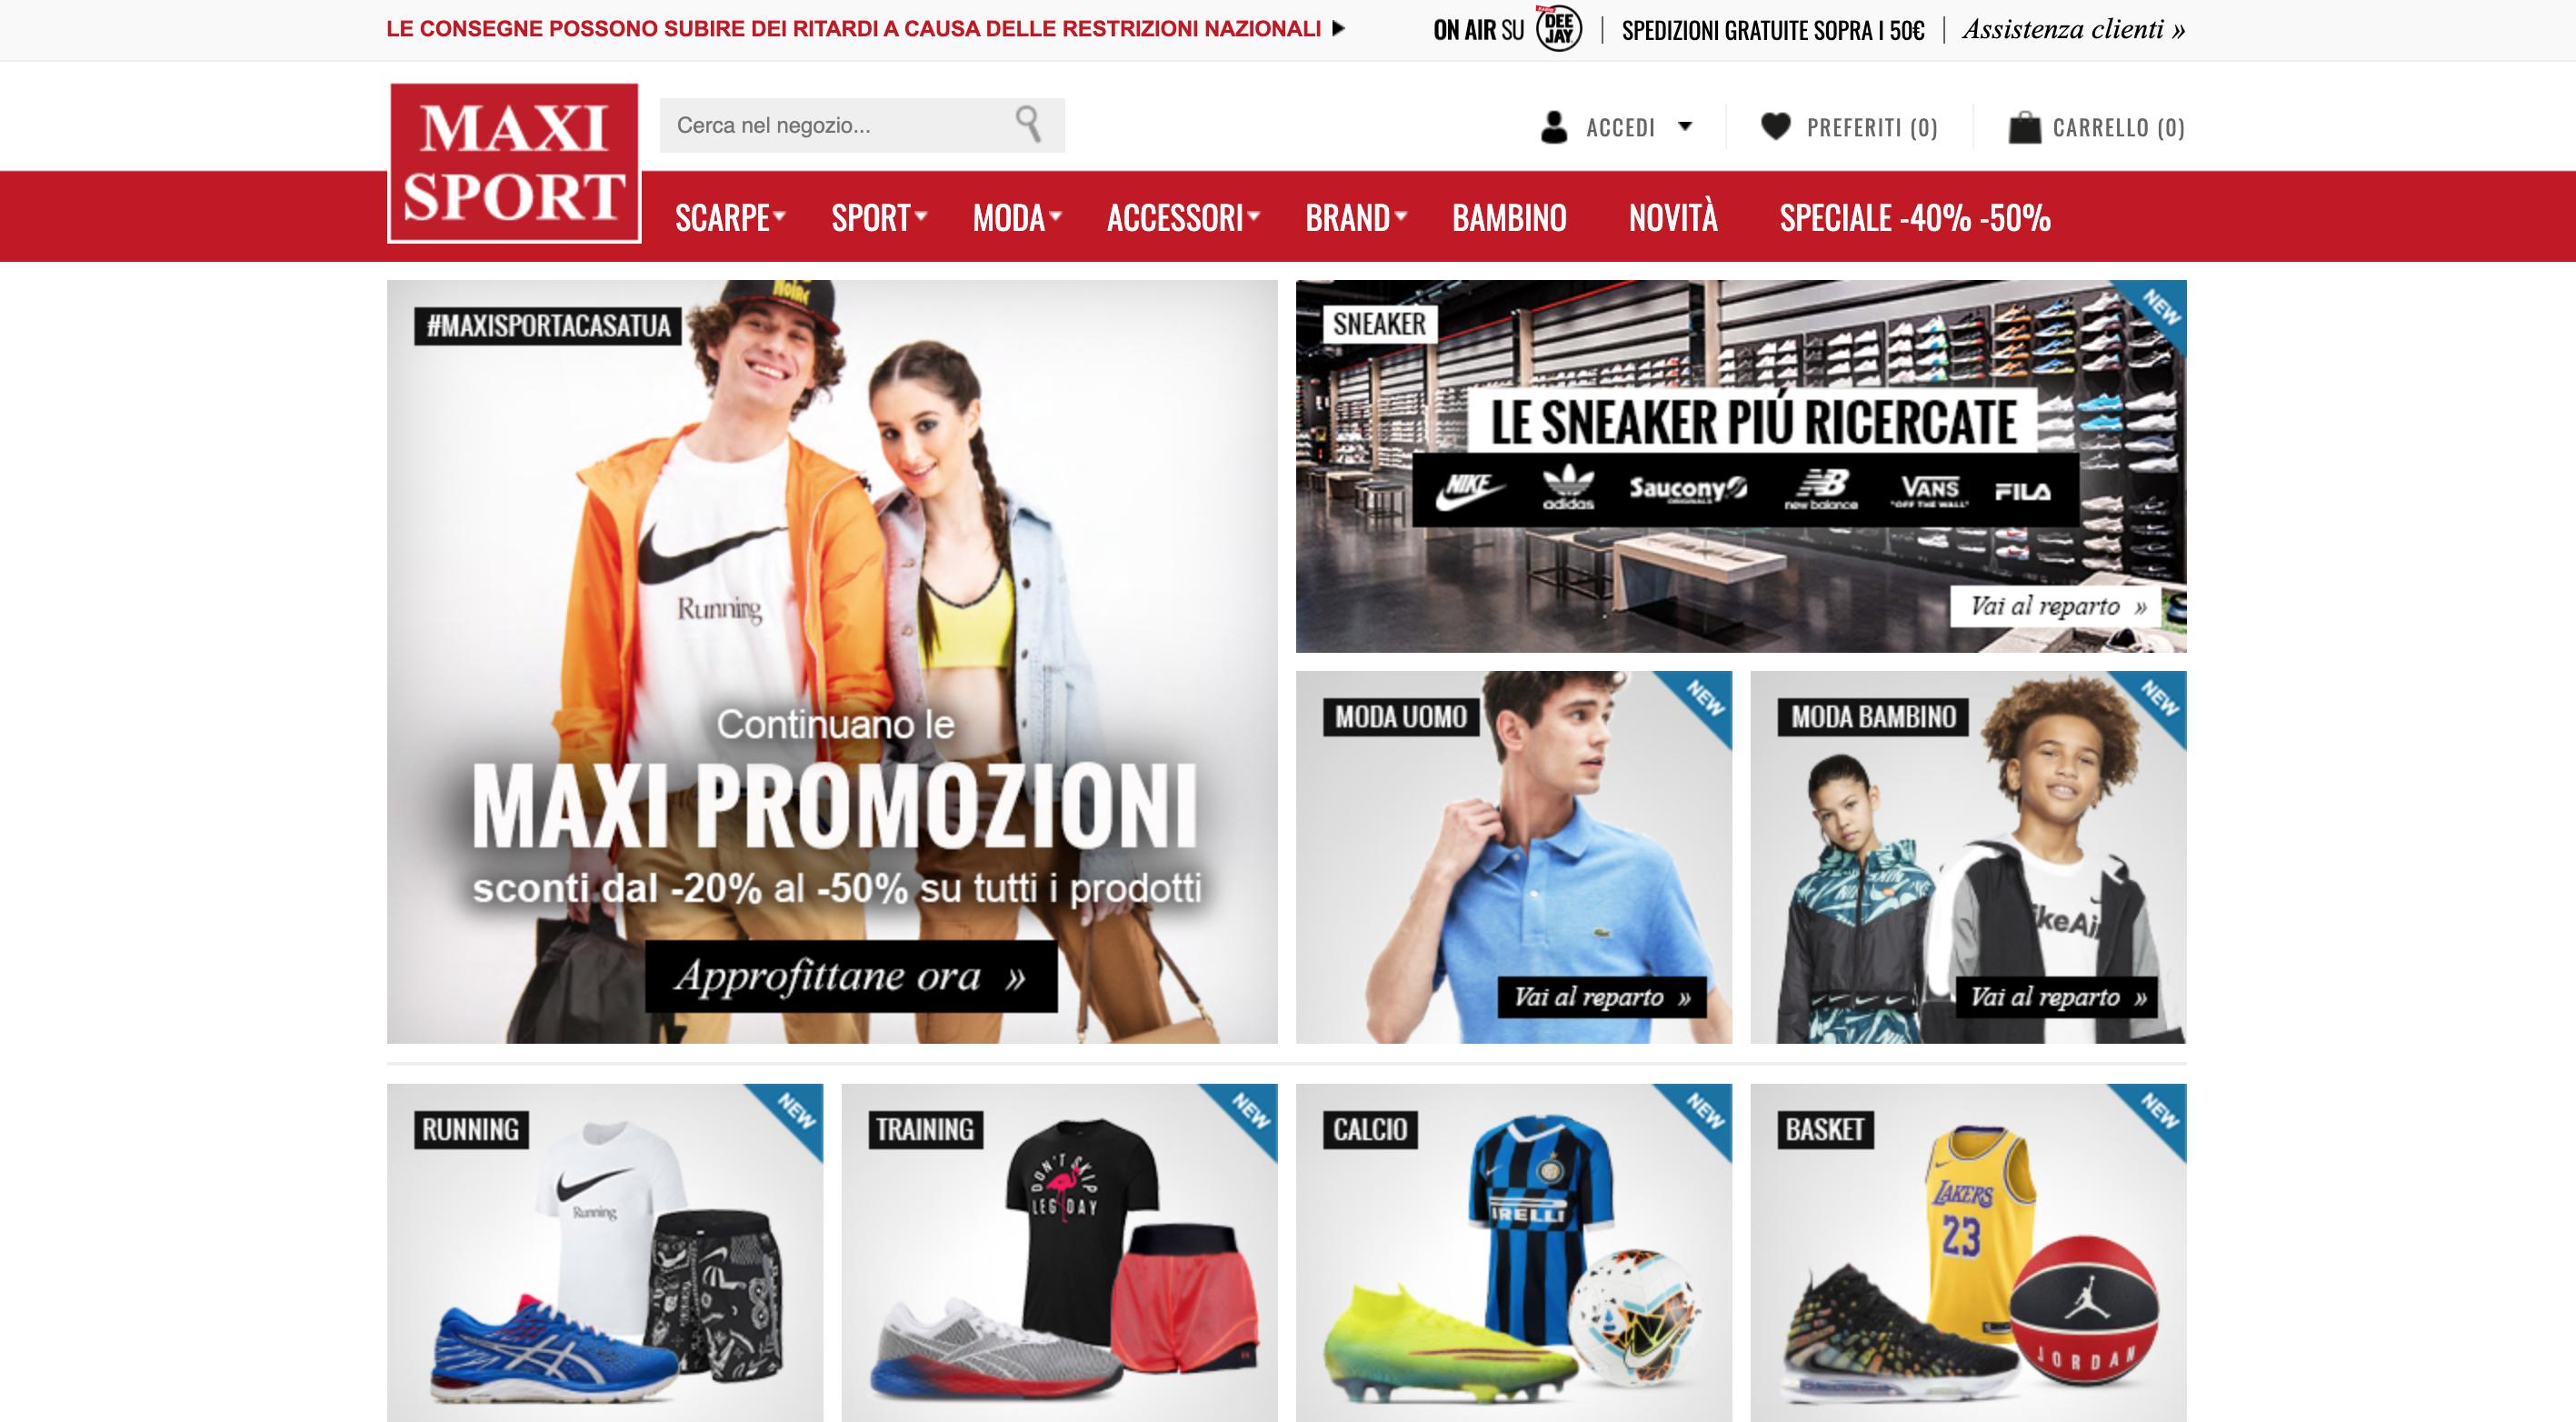 Maxi Sport attrezzature sport e abbigliamento sportivo